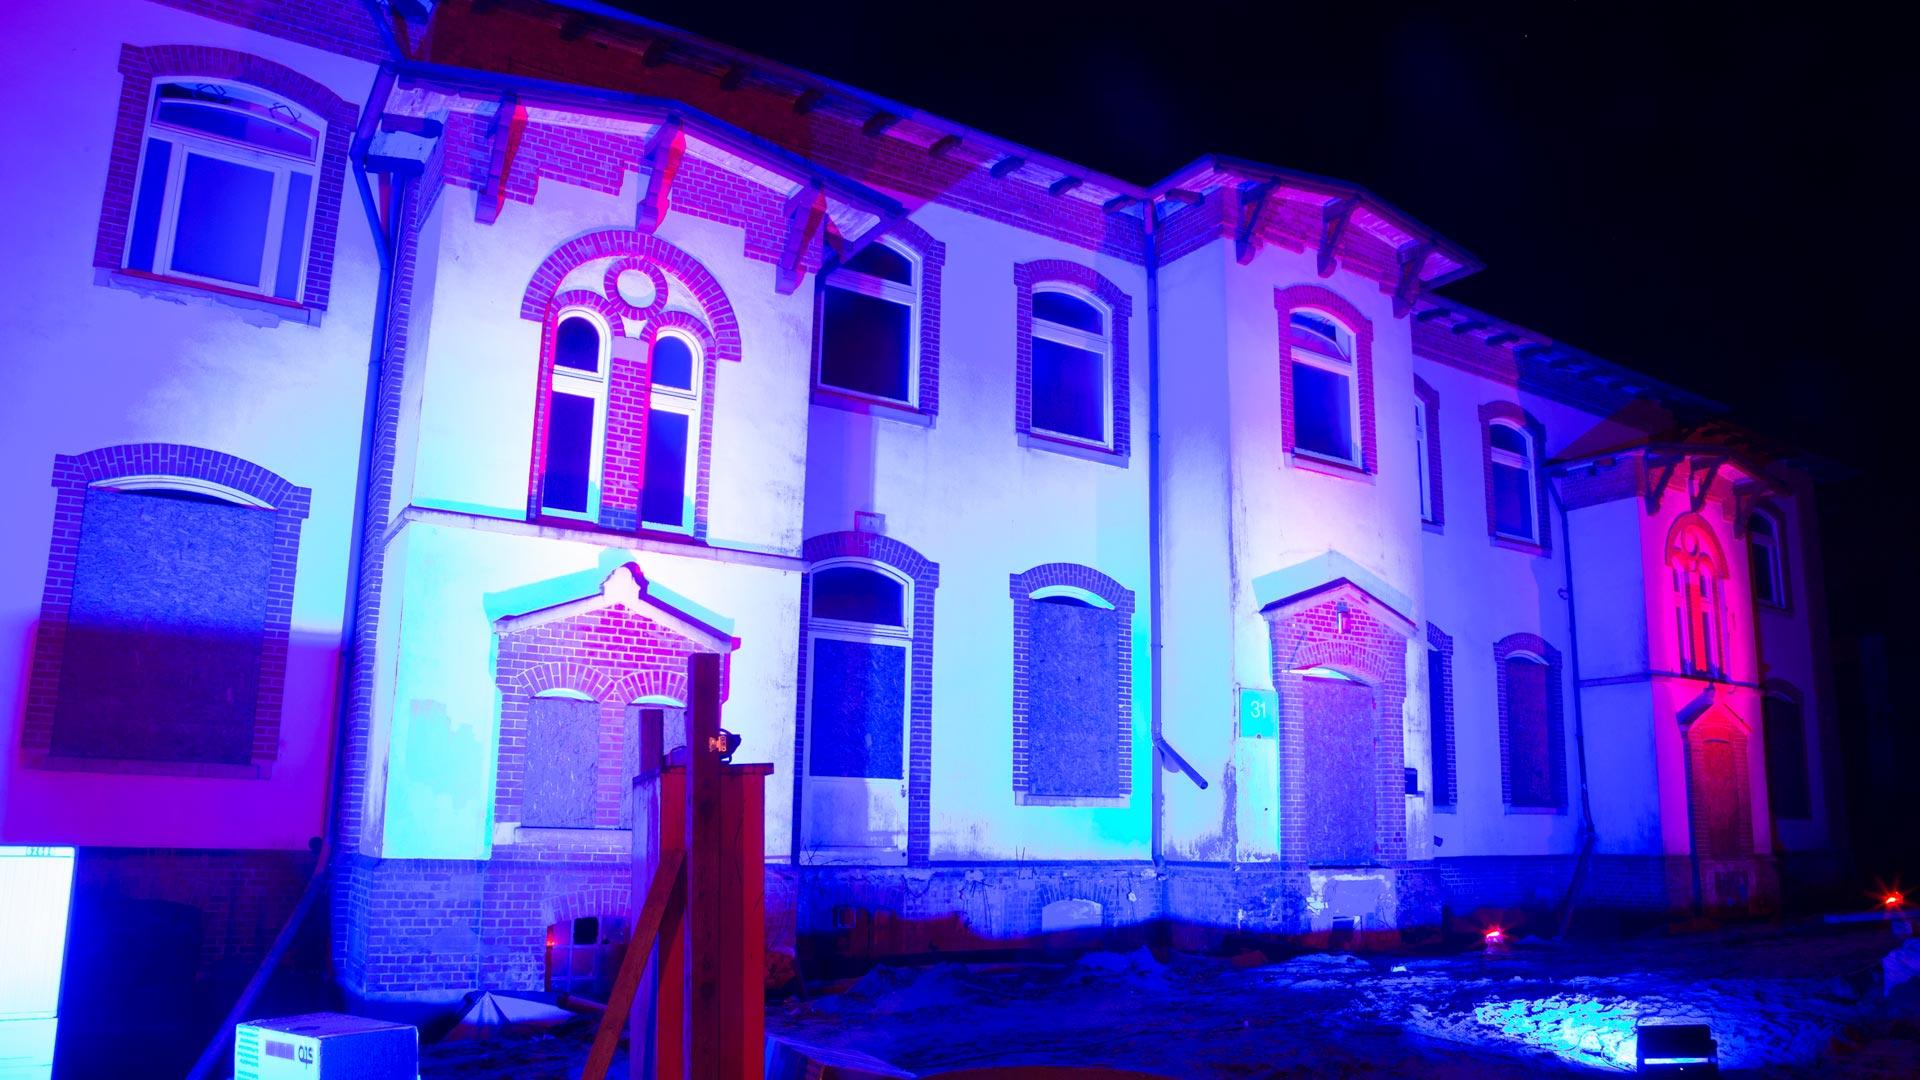 MAASS-Lichtplanung_Lichtevent im Park UNTER DEN LINDEN HAMBURG__MAASS-Lichtzauber-003